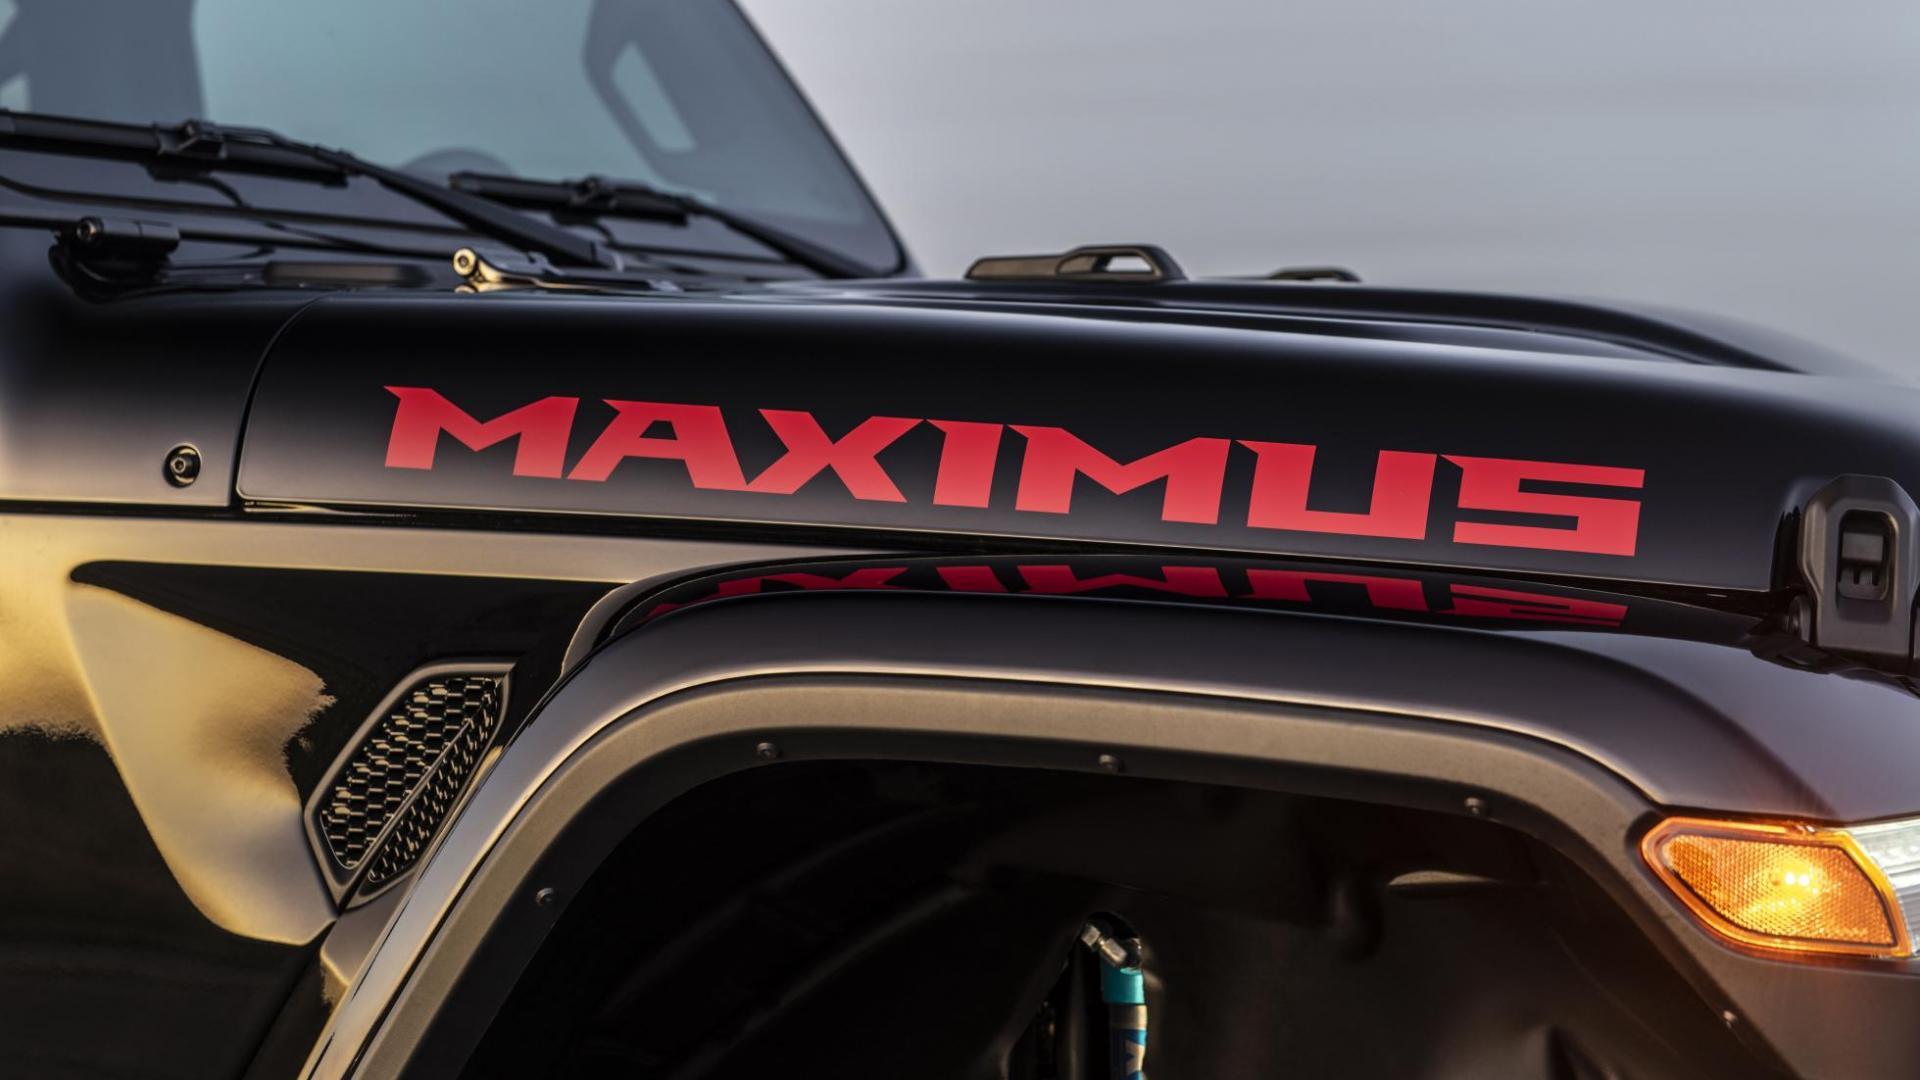 Hennessey Jeep Gladiator Maximus detail rechtsvoor